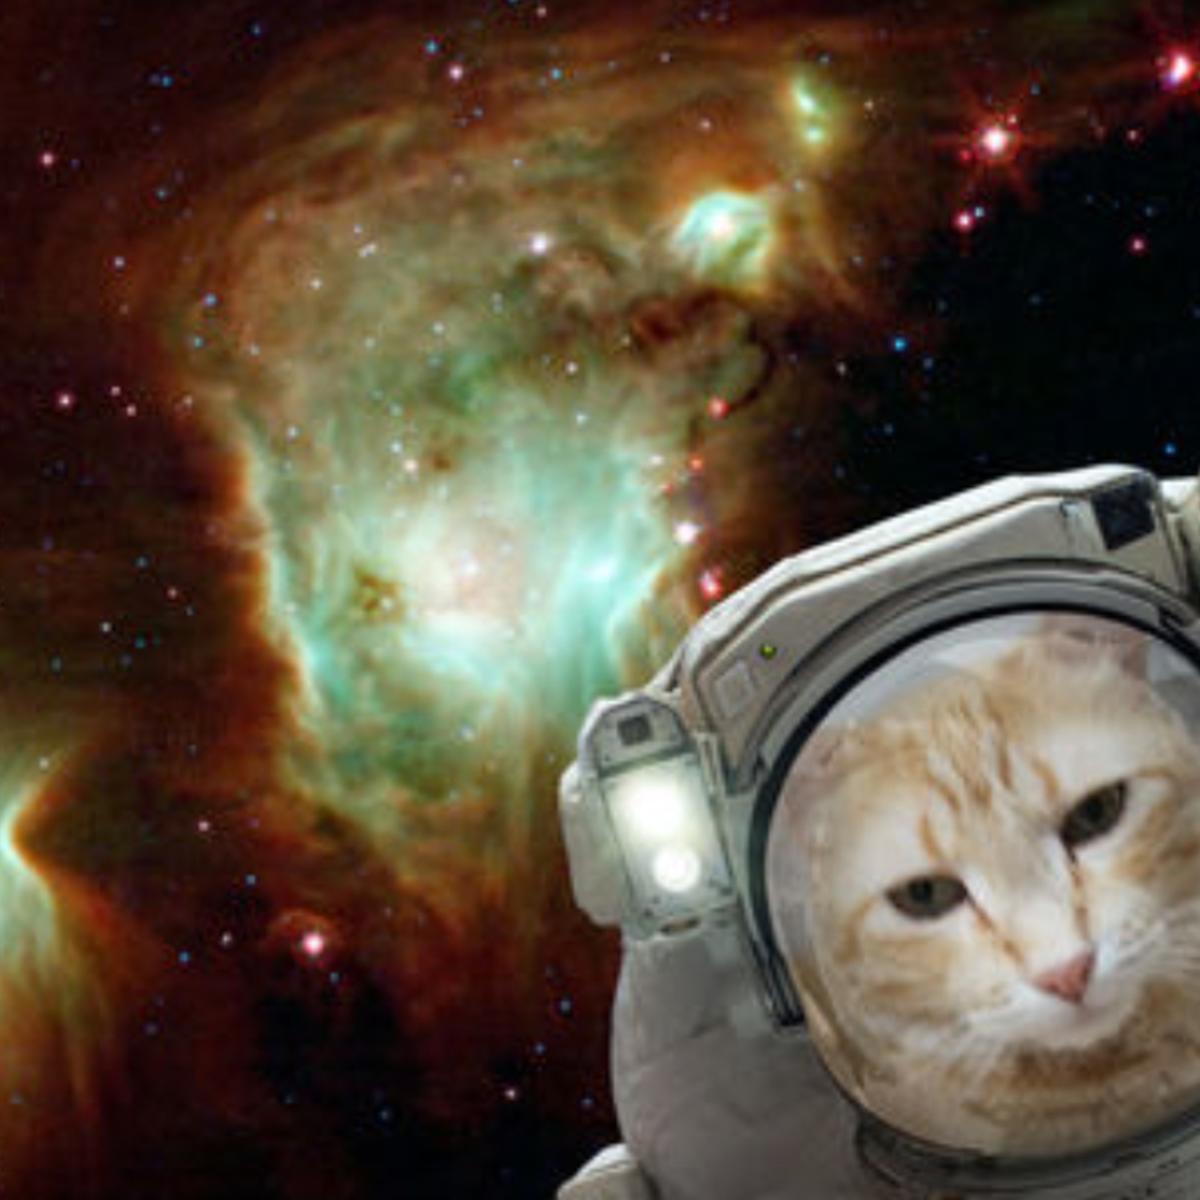 NASA space selfie app